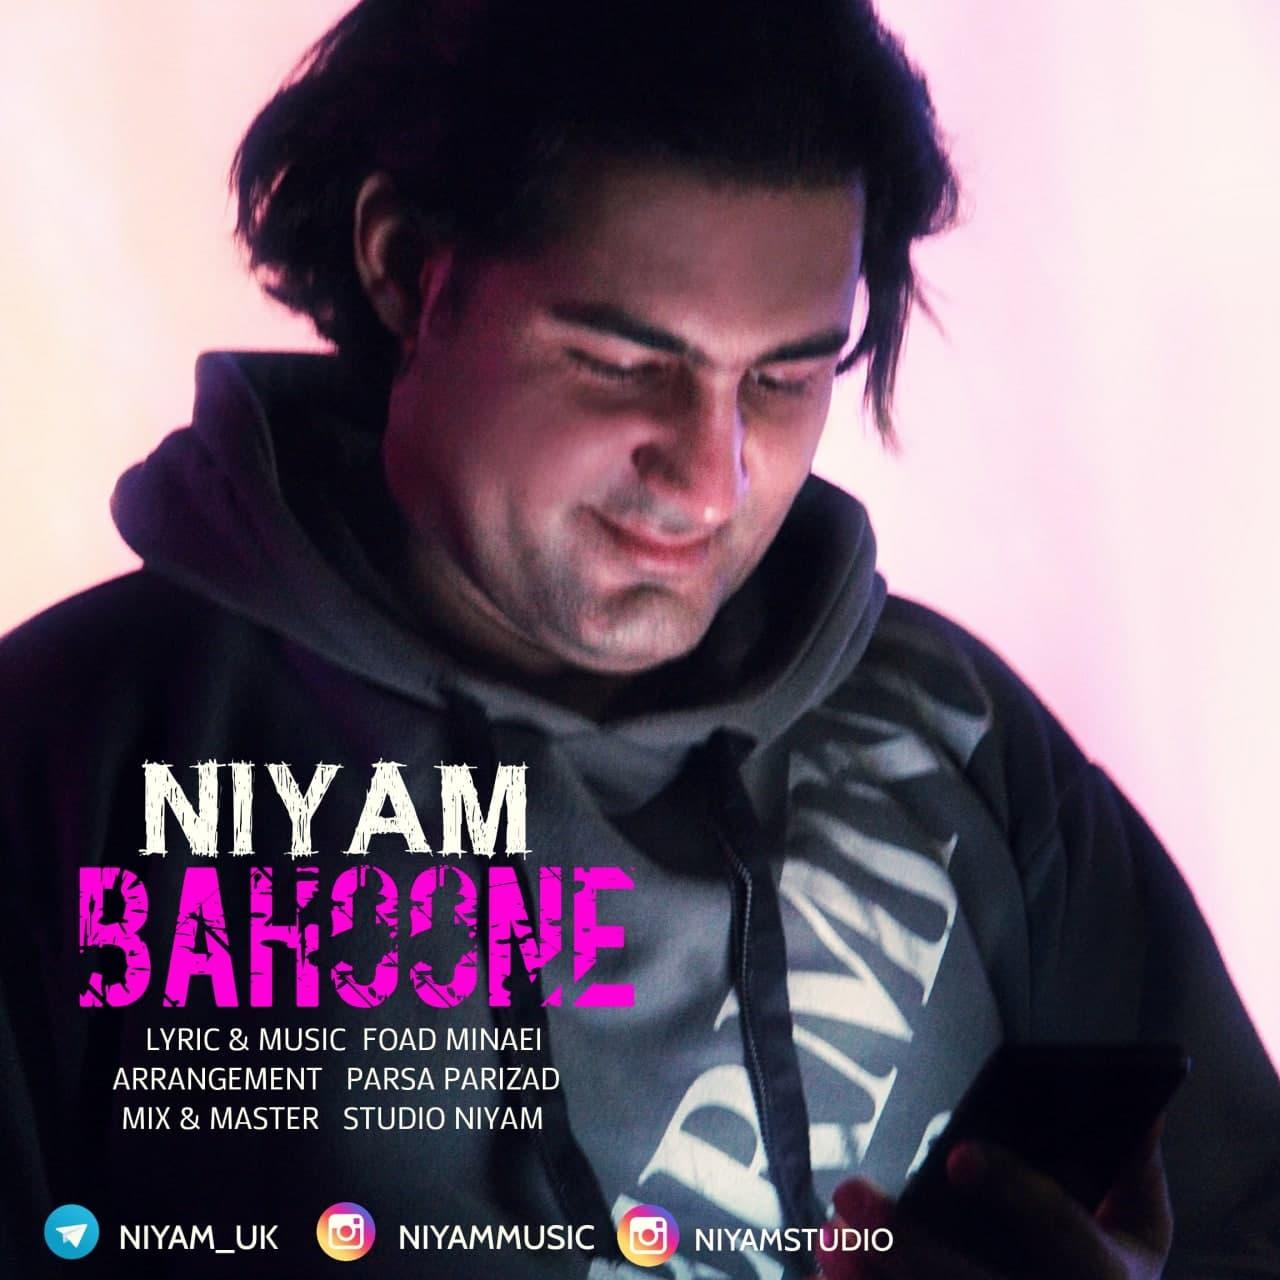 Niyam Uk – Bahoone